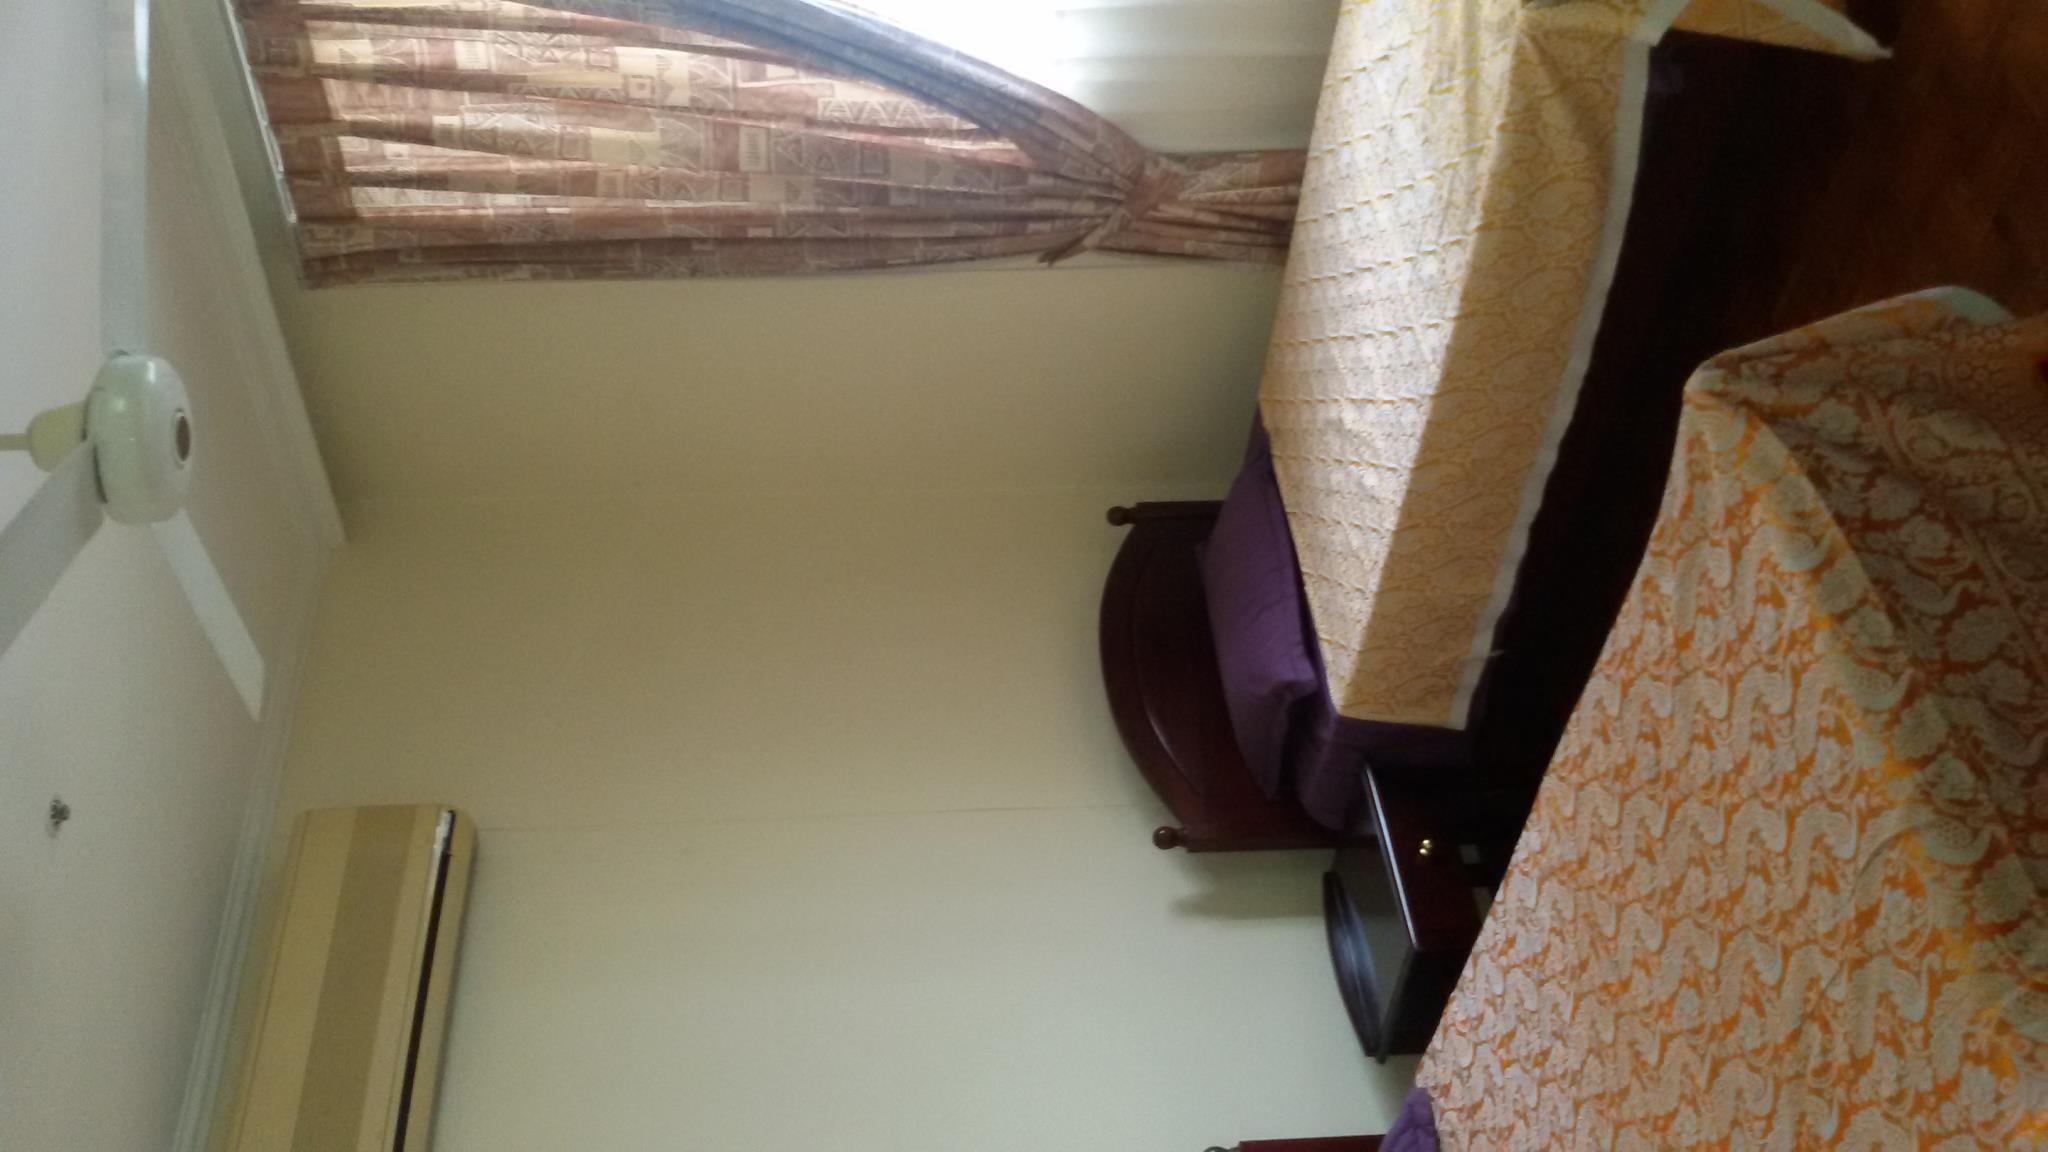 Royal Park Condominium, Sri Jayawardanapura Kotte